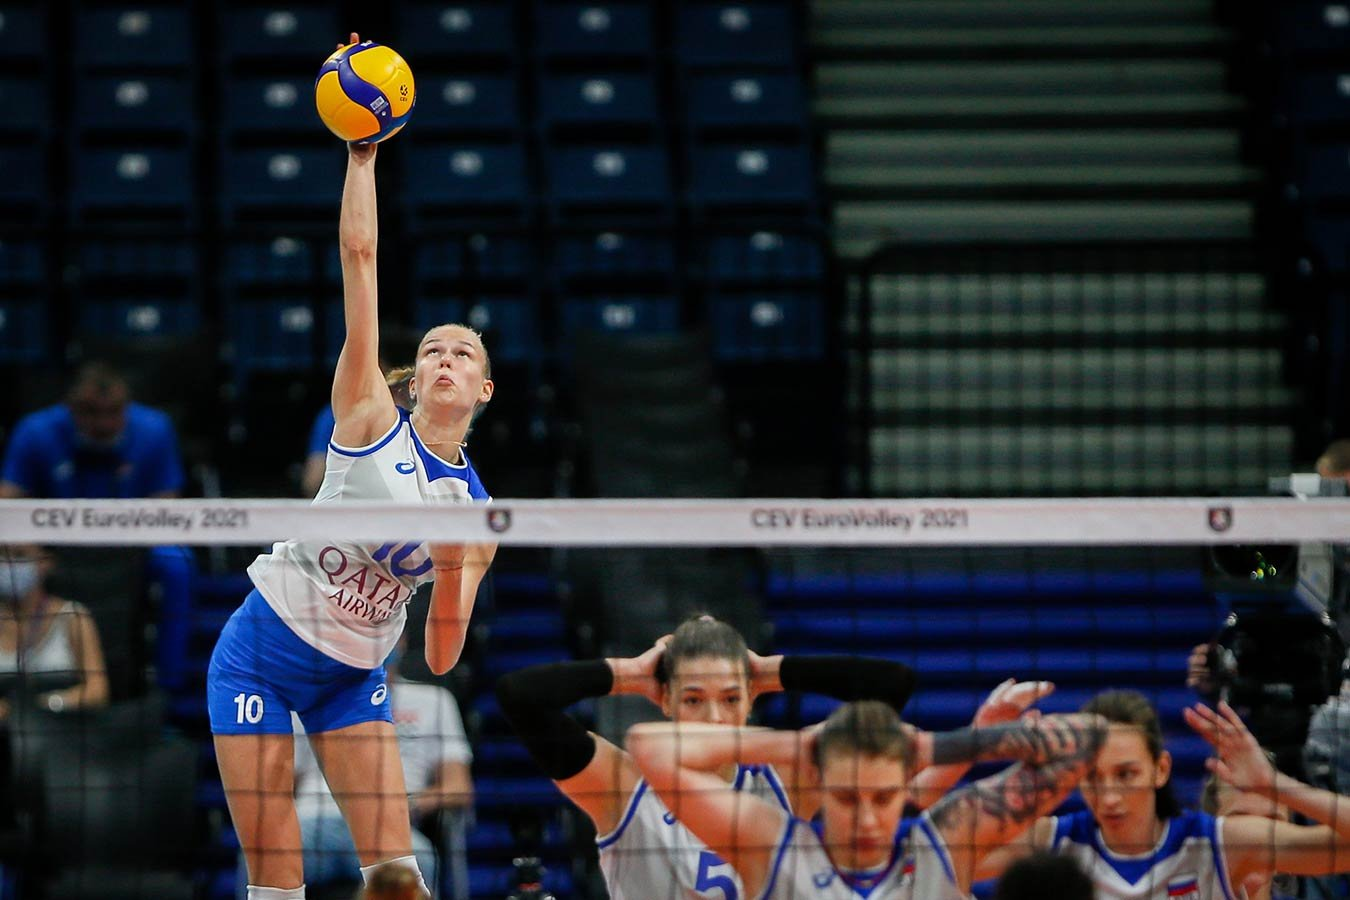 Женская сборная России по волейболу обыграла Францию в первом матче чемпионата Европы